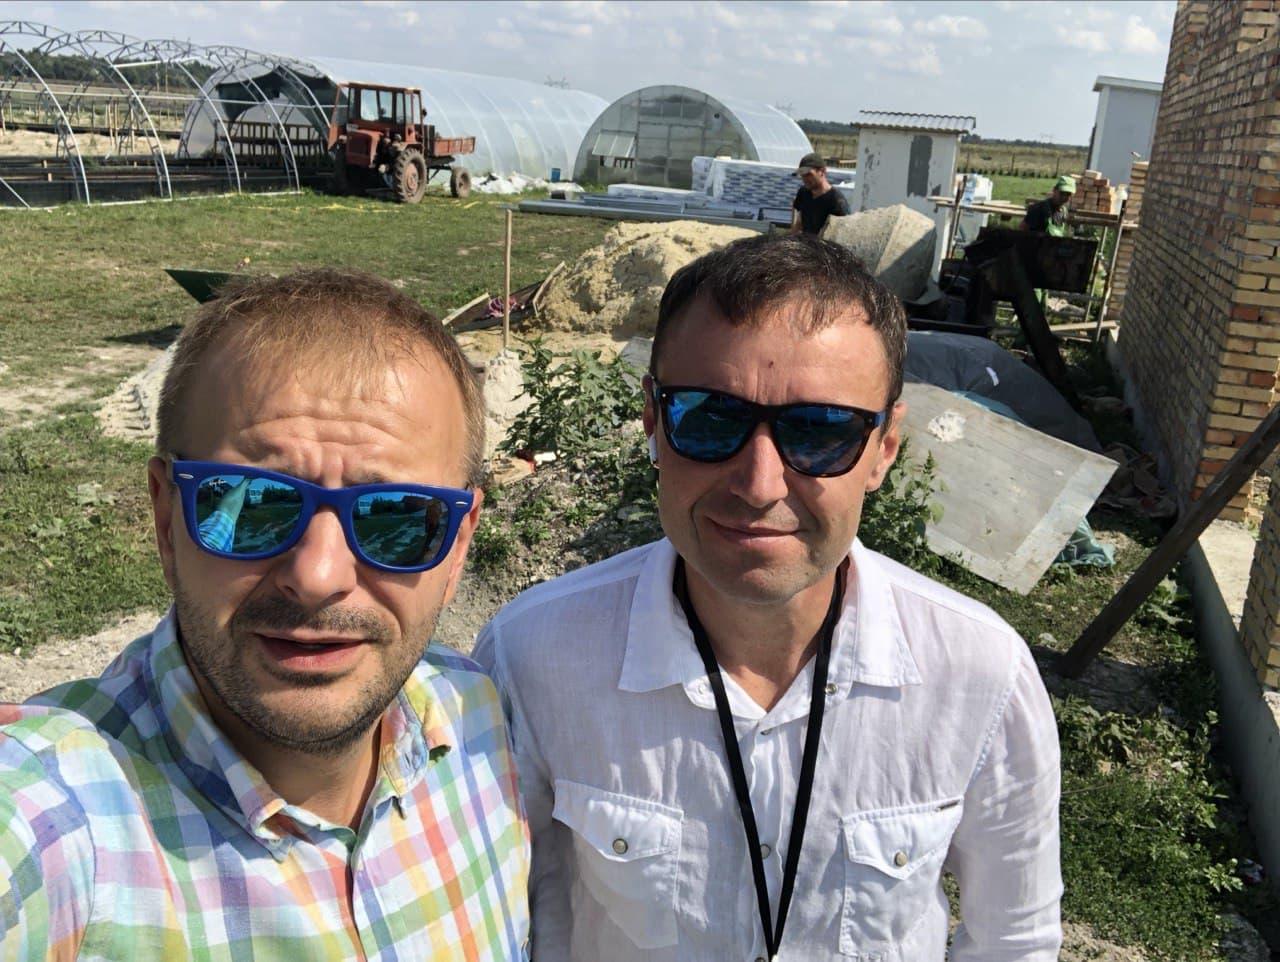 Андрій Дзюбан, засновник равликової ферми Tante Snails, Буск